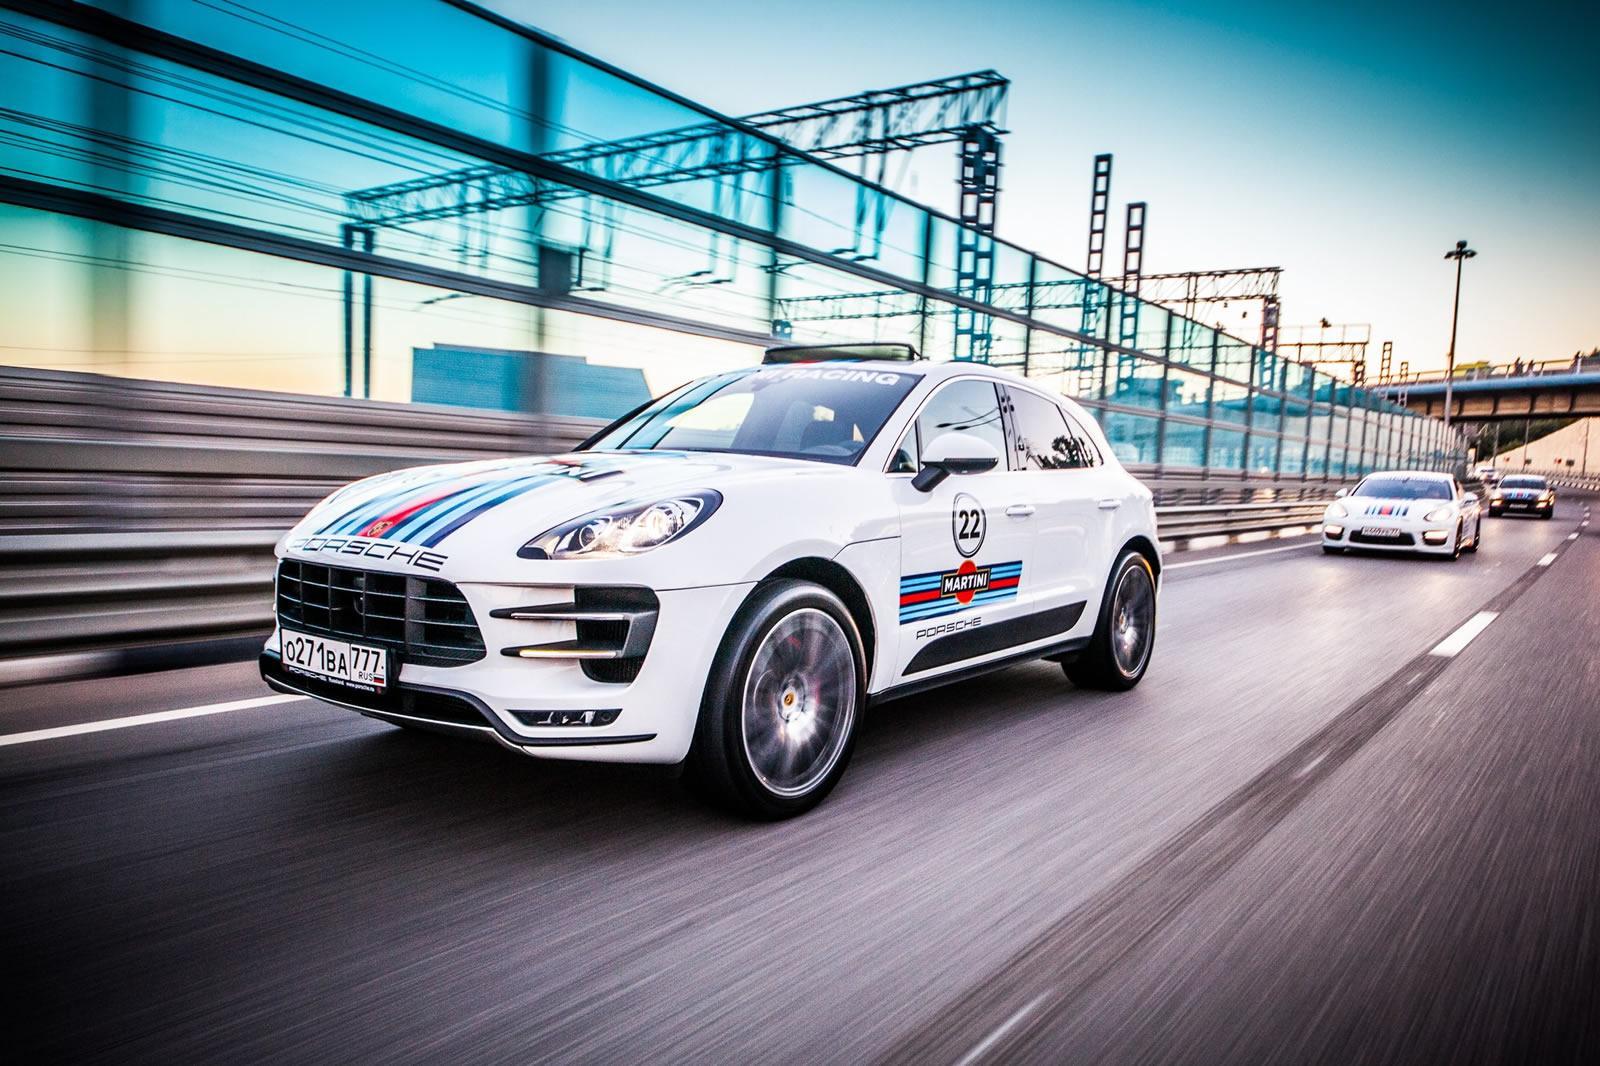 Martini Racing viste a los Porsche Panamera, Cayenne y Macan